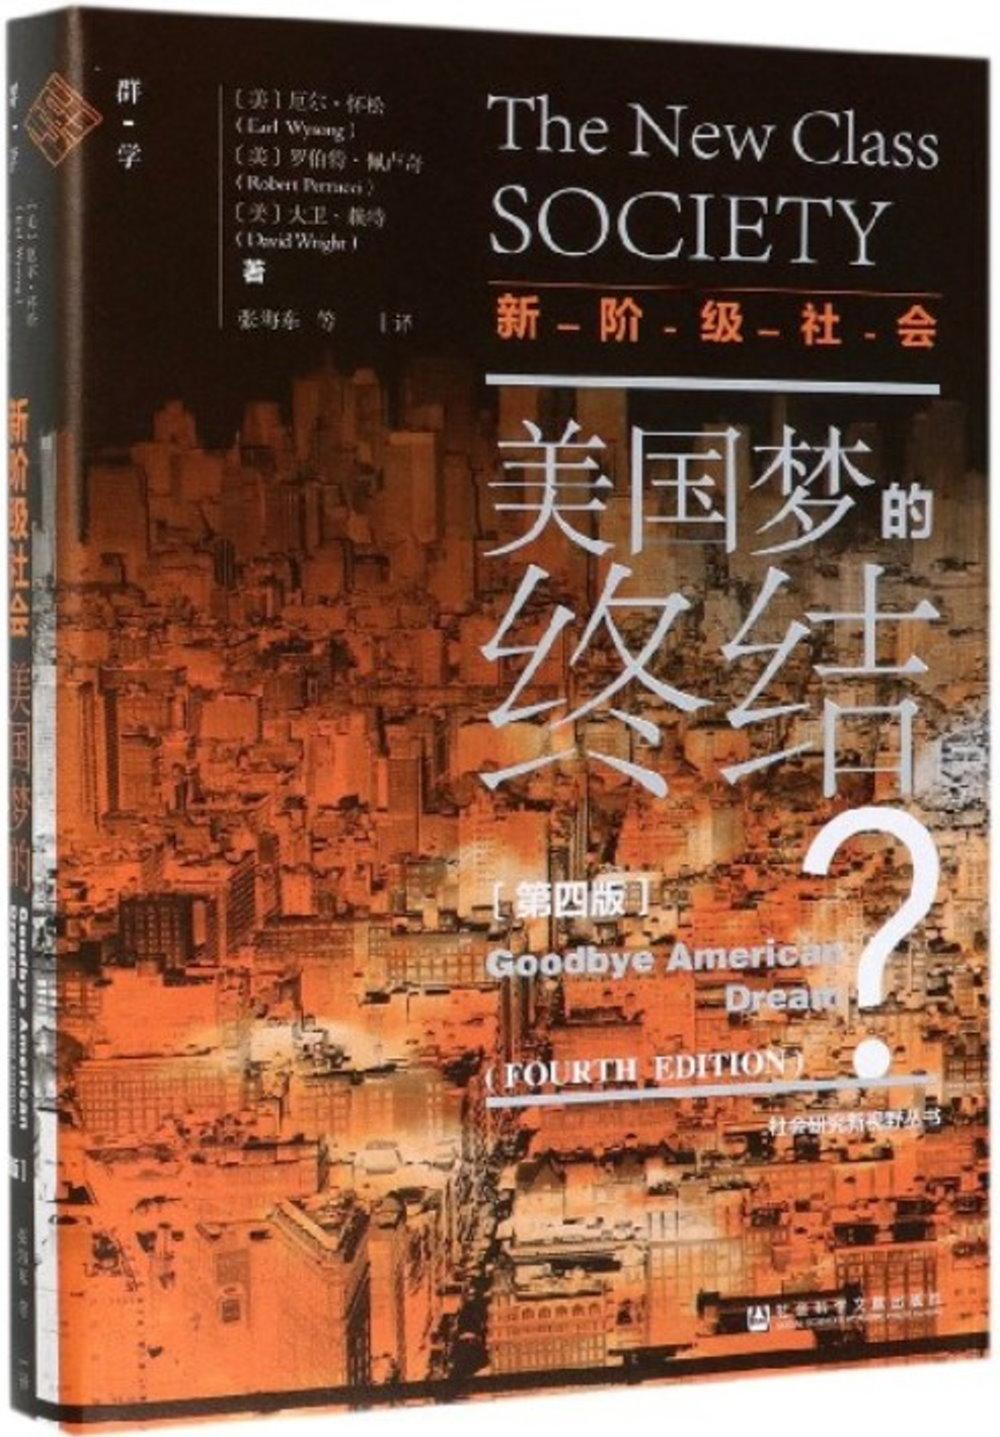 新階級社會:美國夢的終結 ?(第四版)